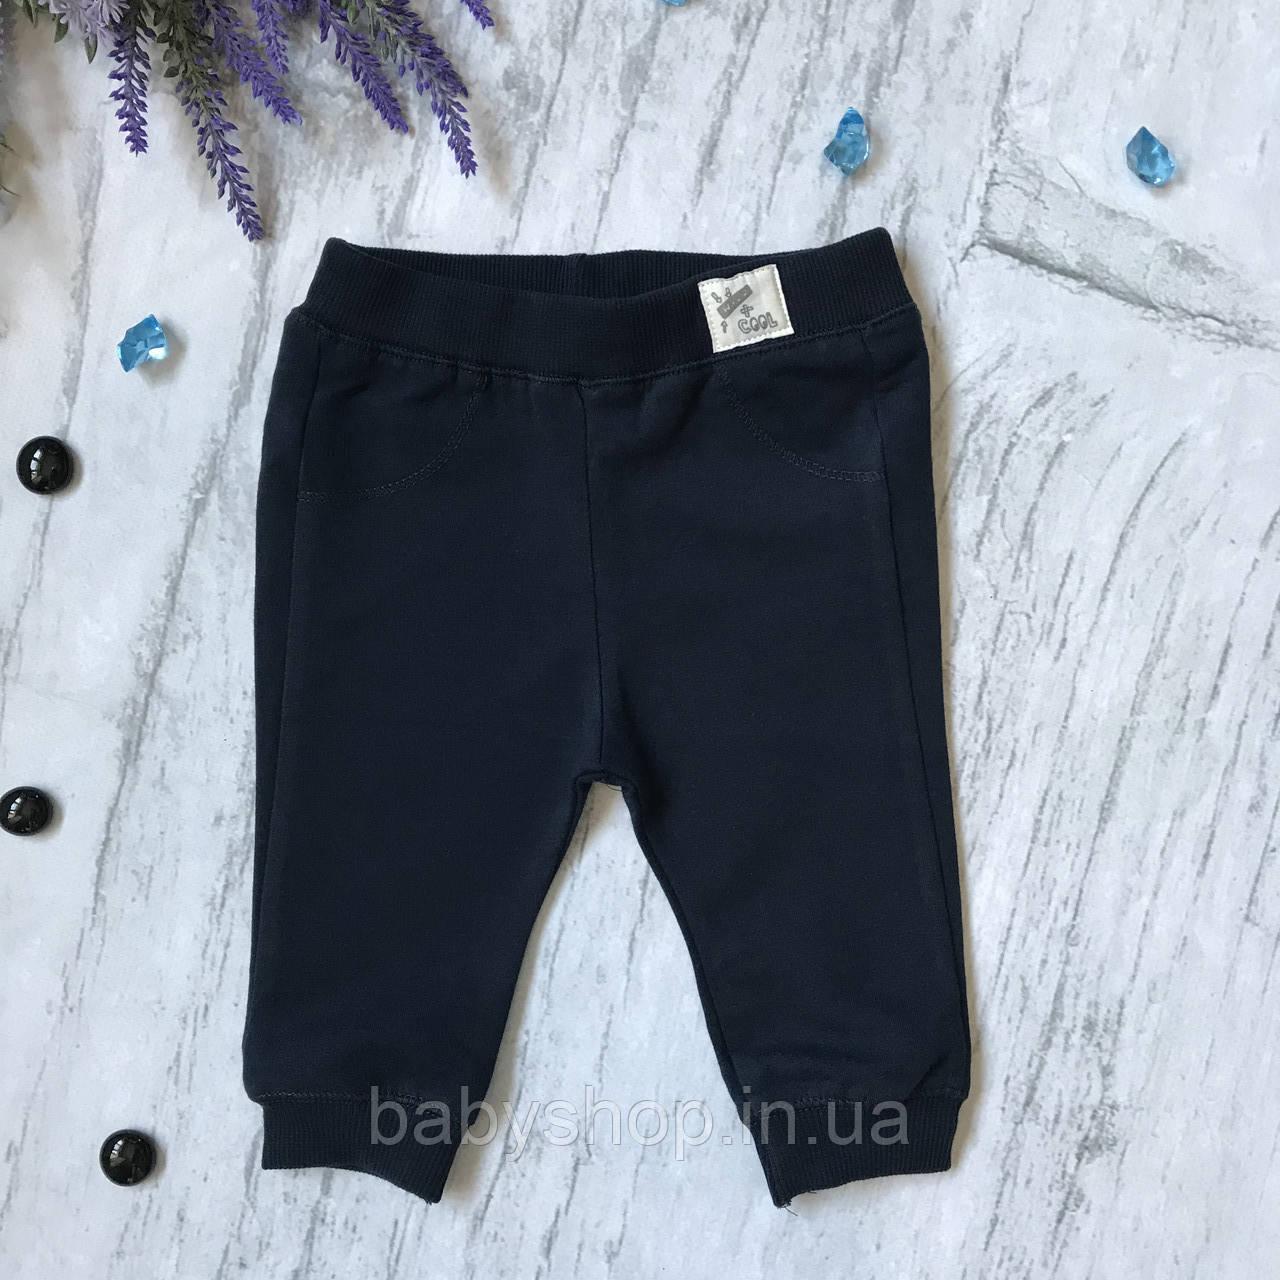 Штаны для мальчика Breeze 13. Размер 74, 80, 86, 92, 98. Цвет синий, серый